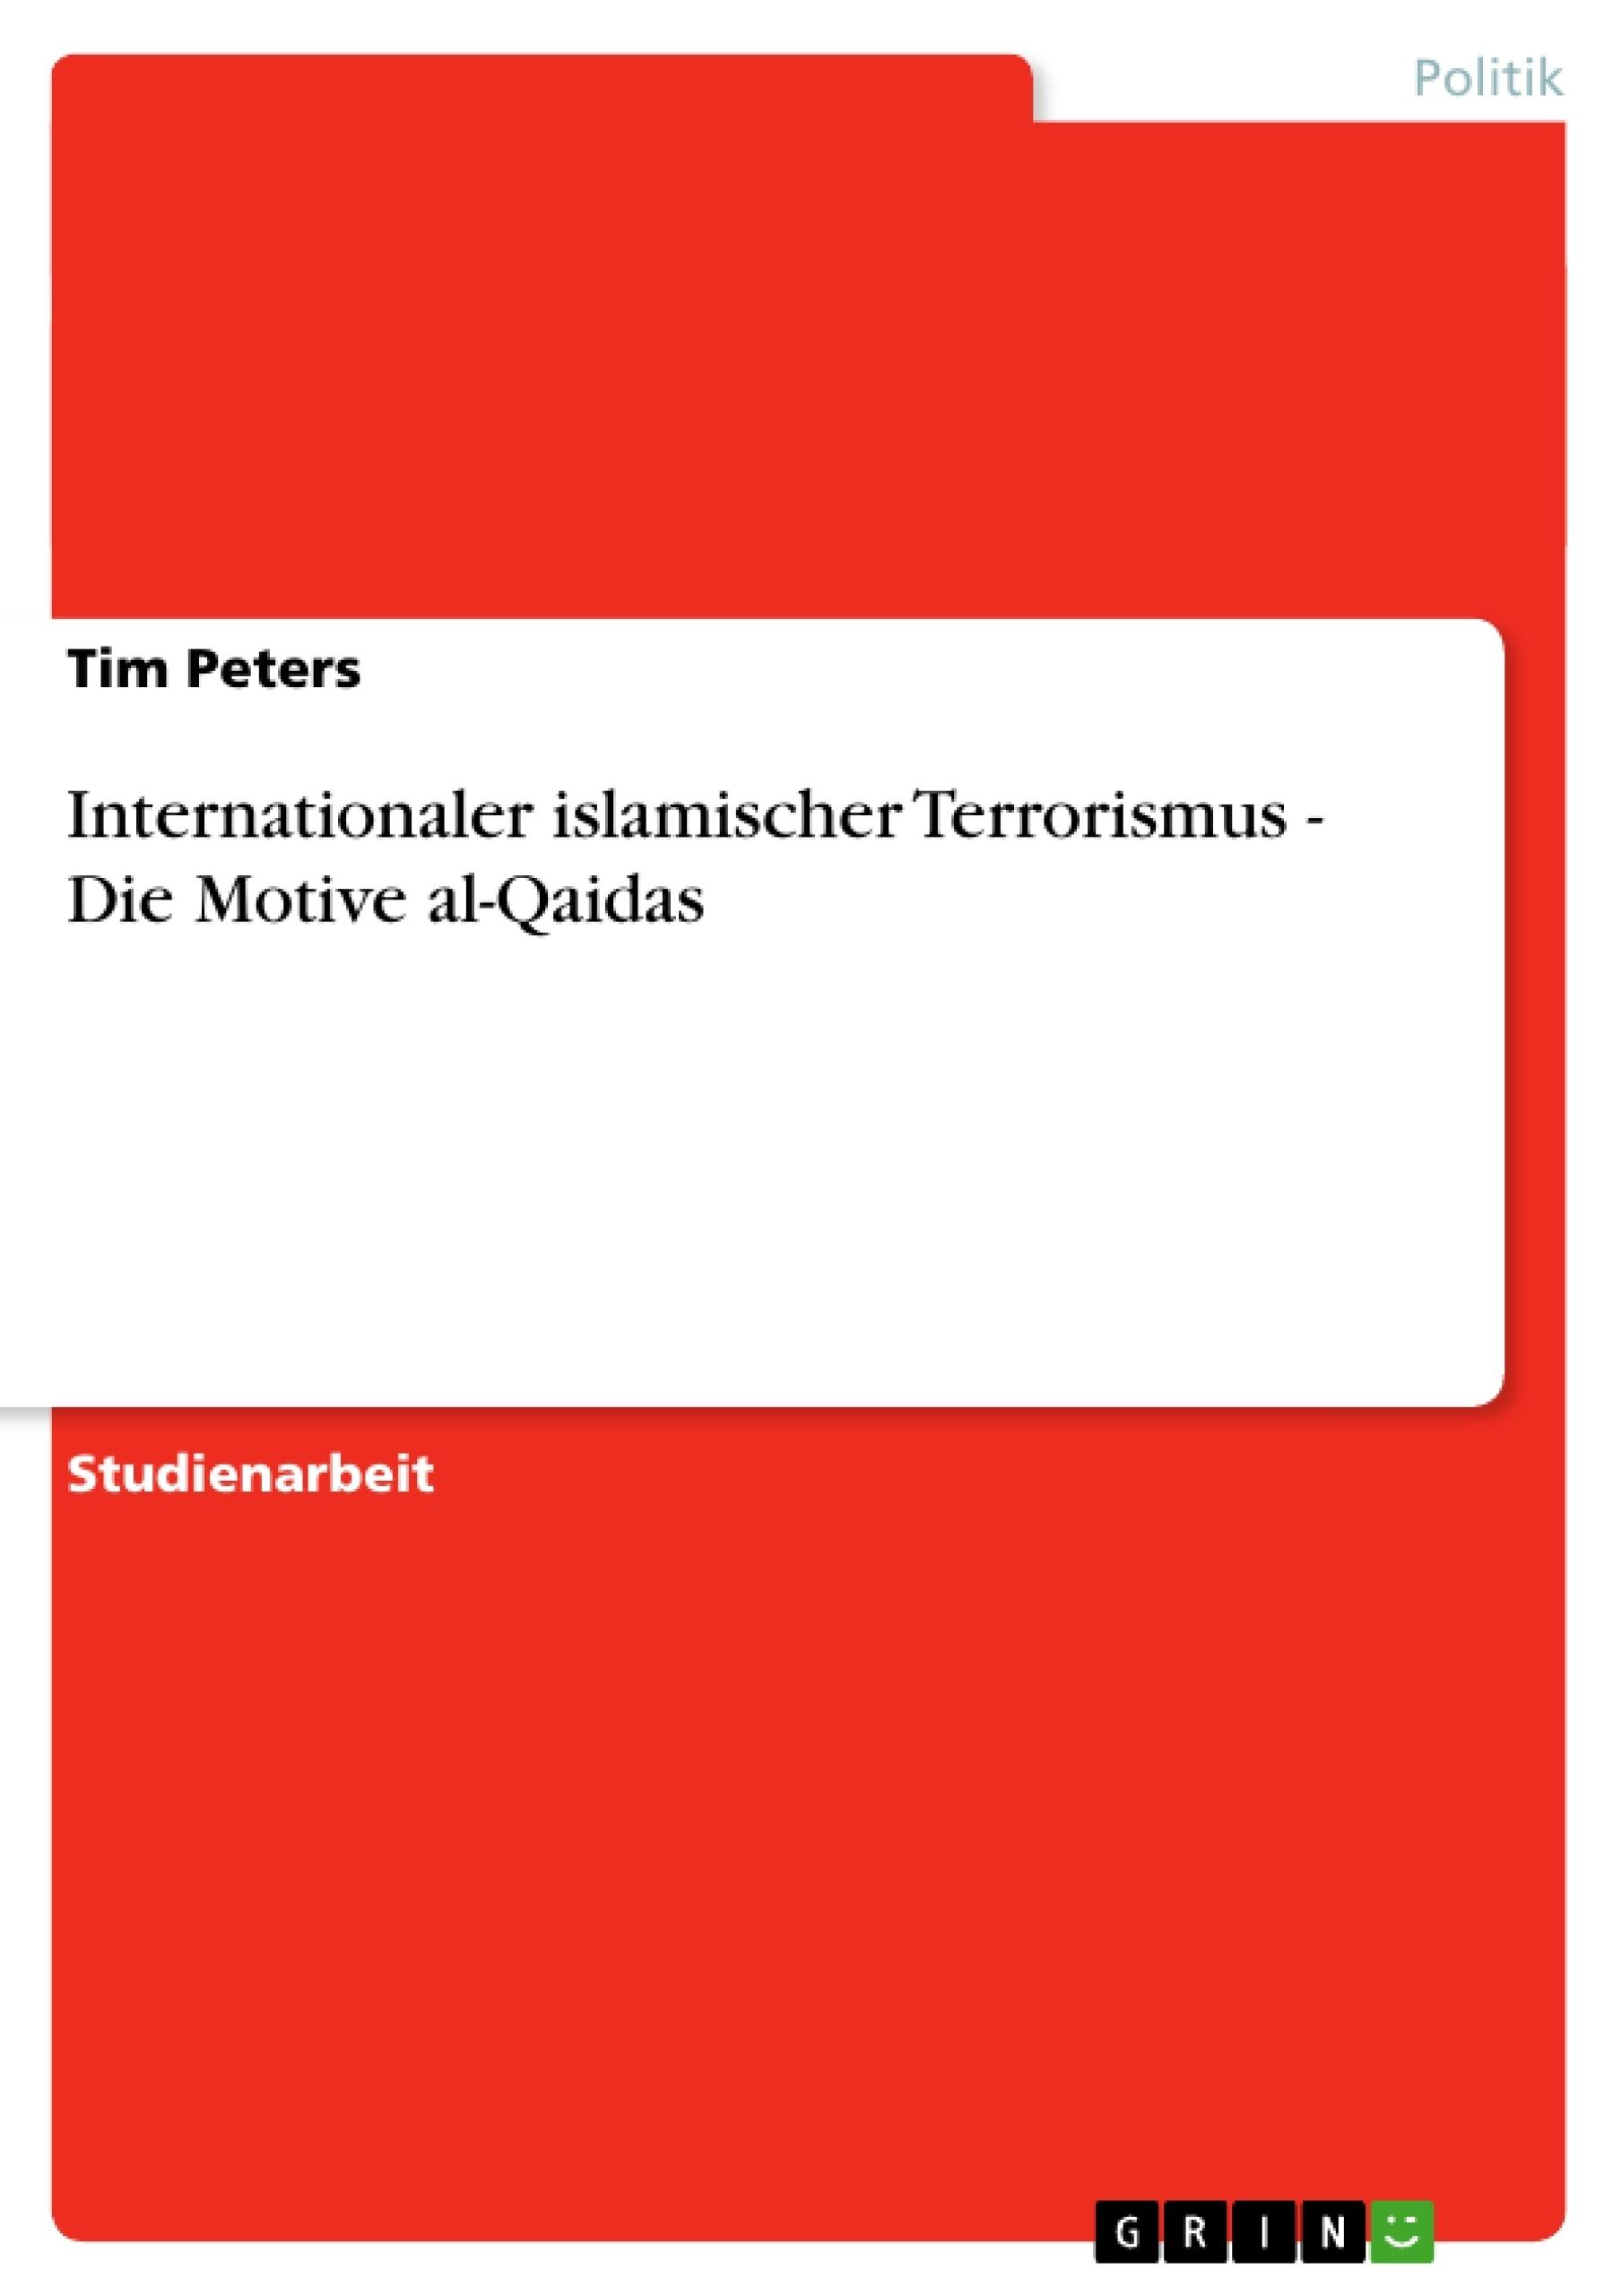 Titel: Internationaler islamischer Terrorismus -  Die Motive al-Qaidas